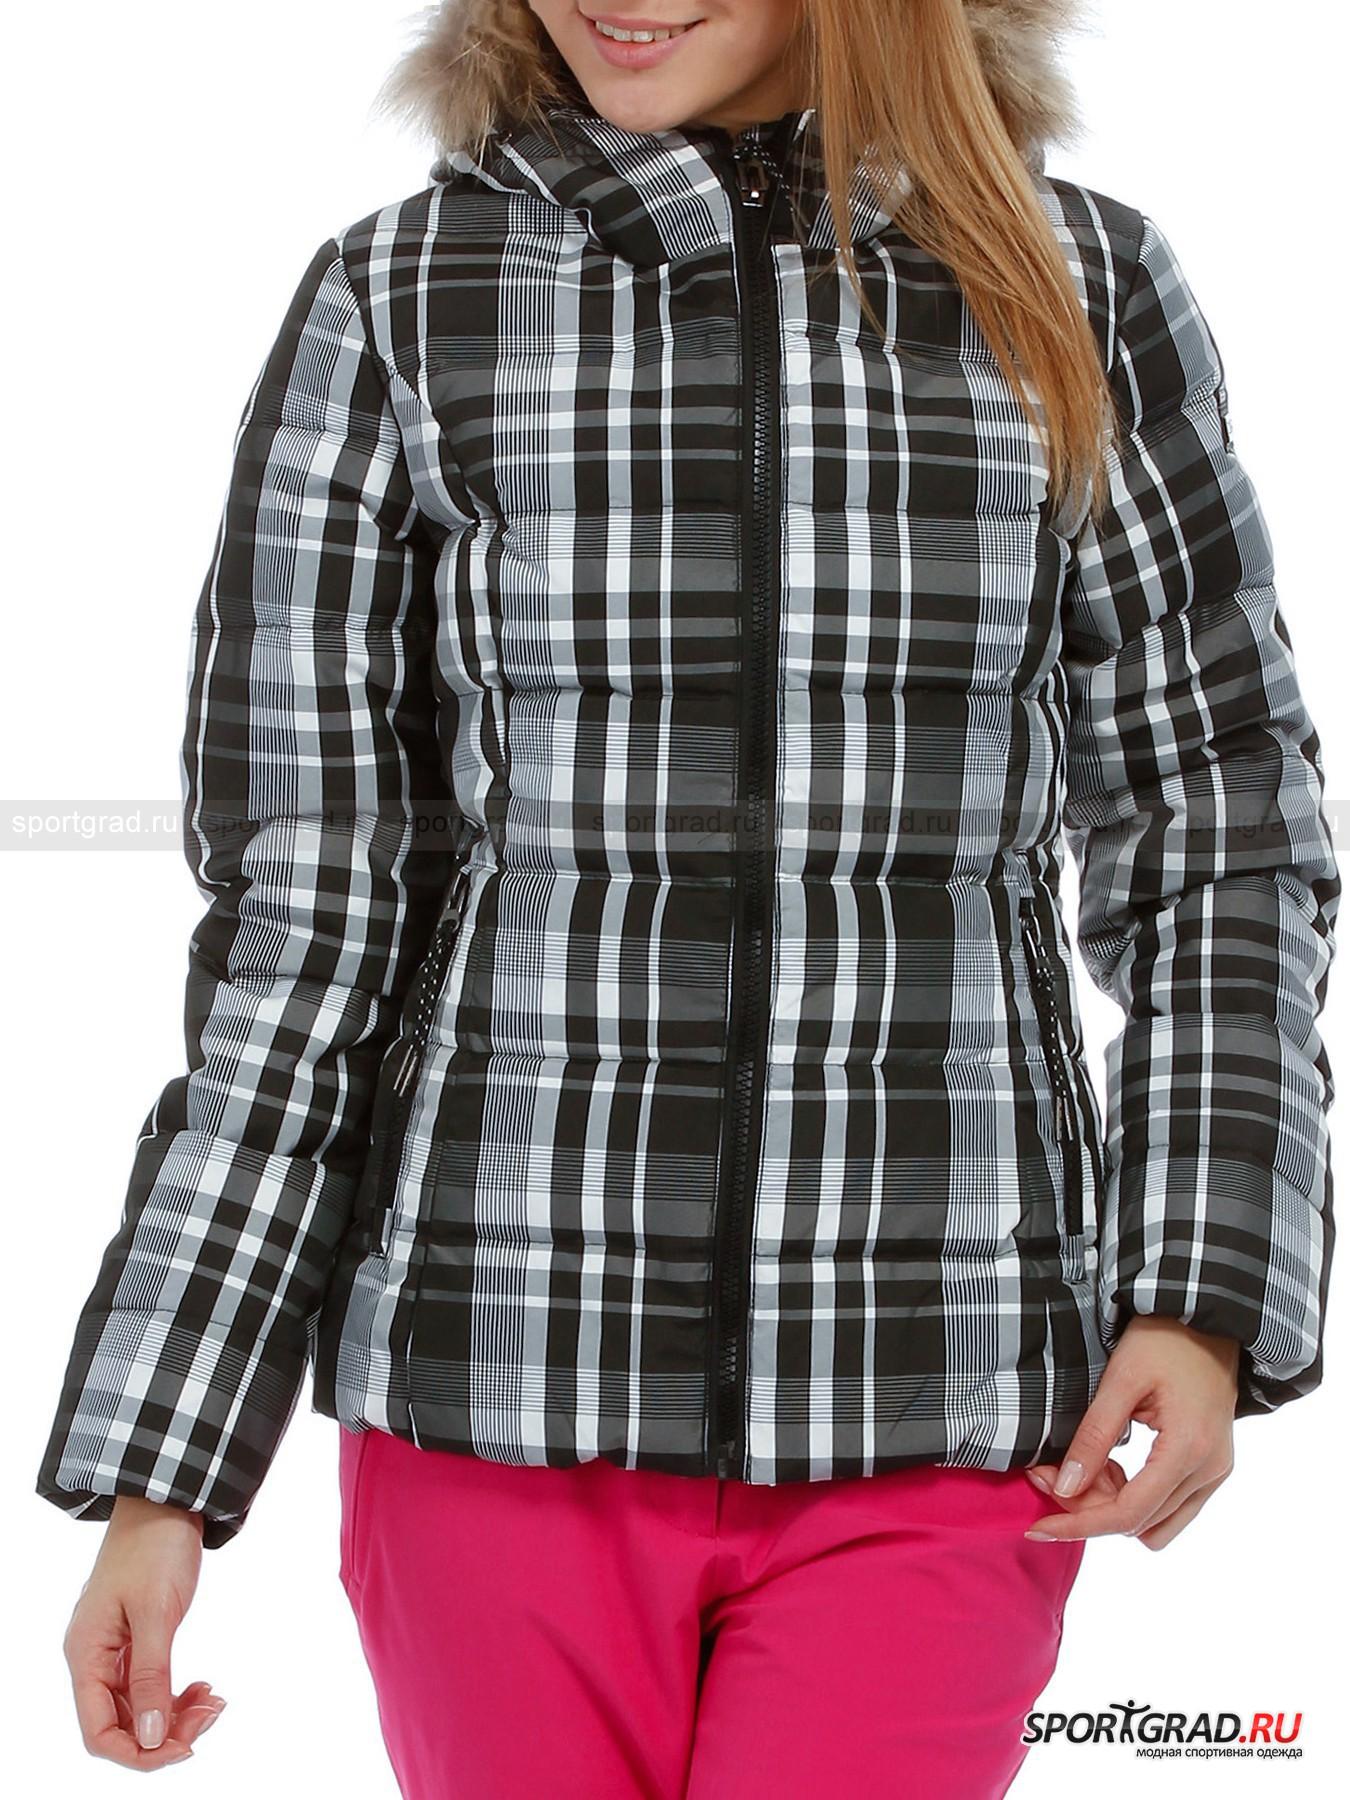 Куртка женская LADY FIX HOOD JACKET CAMPAGNOLOПуховики<br>Городская женская куртка LADY FIX HOOD JACKET CAMPAGNOLO в клетку – прекрасная повседневная модель, идеально подходящая для зимы: во-первых, она очень теплая, поскольку натуральный пух, надежно зафиксированный частой прошивкой, является одним из лучших утеплителей, во-вторых, стильная и модная, в-третьих, не требующая специального ухода, в-четвертых, изумительно скроенная, а потому прекрасно сидящая на теле и не сковывающая движений.<br>Модель имеет:<br>- высокий воротник-стойку, бережно закрывающий шею от ветра и переходящий в капюшон с отстегивающейся меховой оторочкой и кулиской по краю,<br>- вертикальные рельефы, обеспечивающее комфортное прилегание спереди и сзади,<br>- втачные рукава с резинкой по нижнему краю и нашивкой с эмблемой марки слева,<br>- основную молнию с планкой с подкладочной стороны,<br>- карманы:<br>а) прорезной нагрудный карман на молнии с изнаночной стороны,<br>б) два боковых прорезных кармана на крупных застежках.<br>Эта куртка легко найдет себе достойную пару в вашем гардеробе, поскольку сочетается и с джинсами и с брюками в спортивном стиле.<br><br>Пол: Женский<br>Возраст: Взрослый<br>Тип: Пуховики<br>Состав: Поверхность: 100% Пэ.